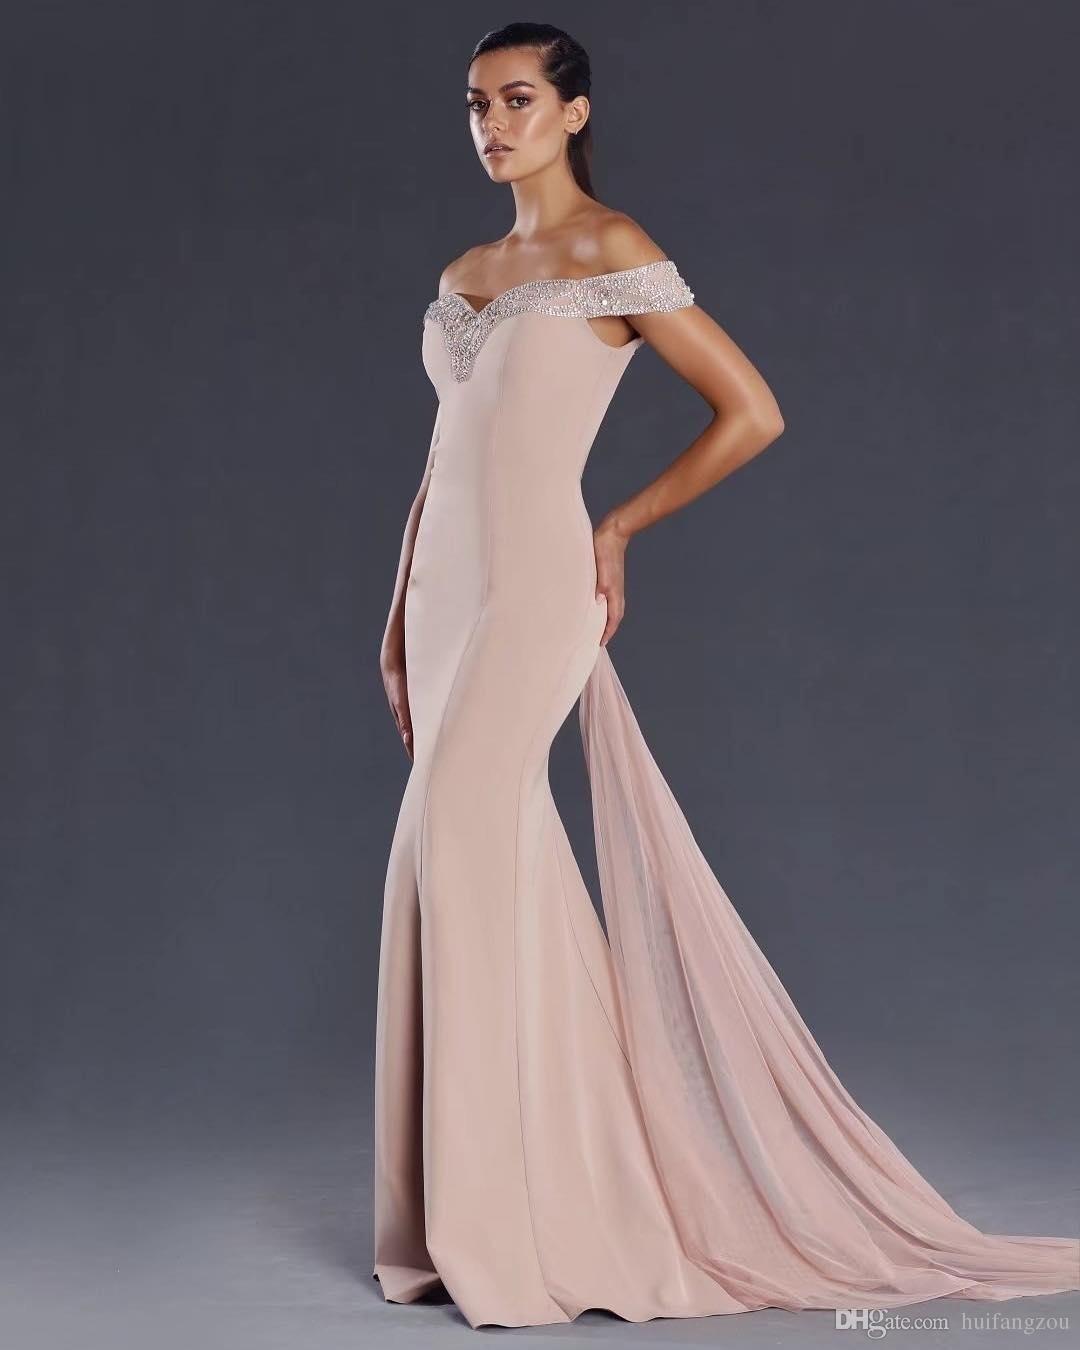 Abend Schön Abendkleider Kostenloser Versand Stylish Großartig Abendkleider Kostenloser Versand Galerie